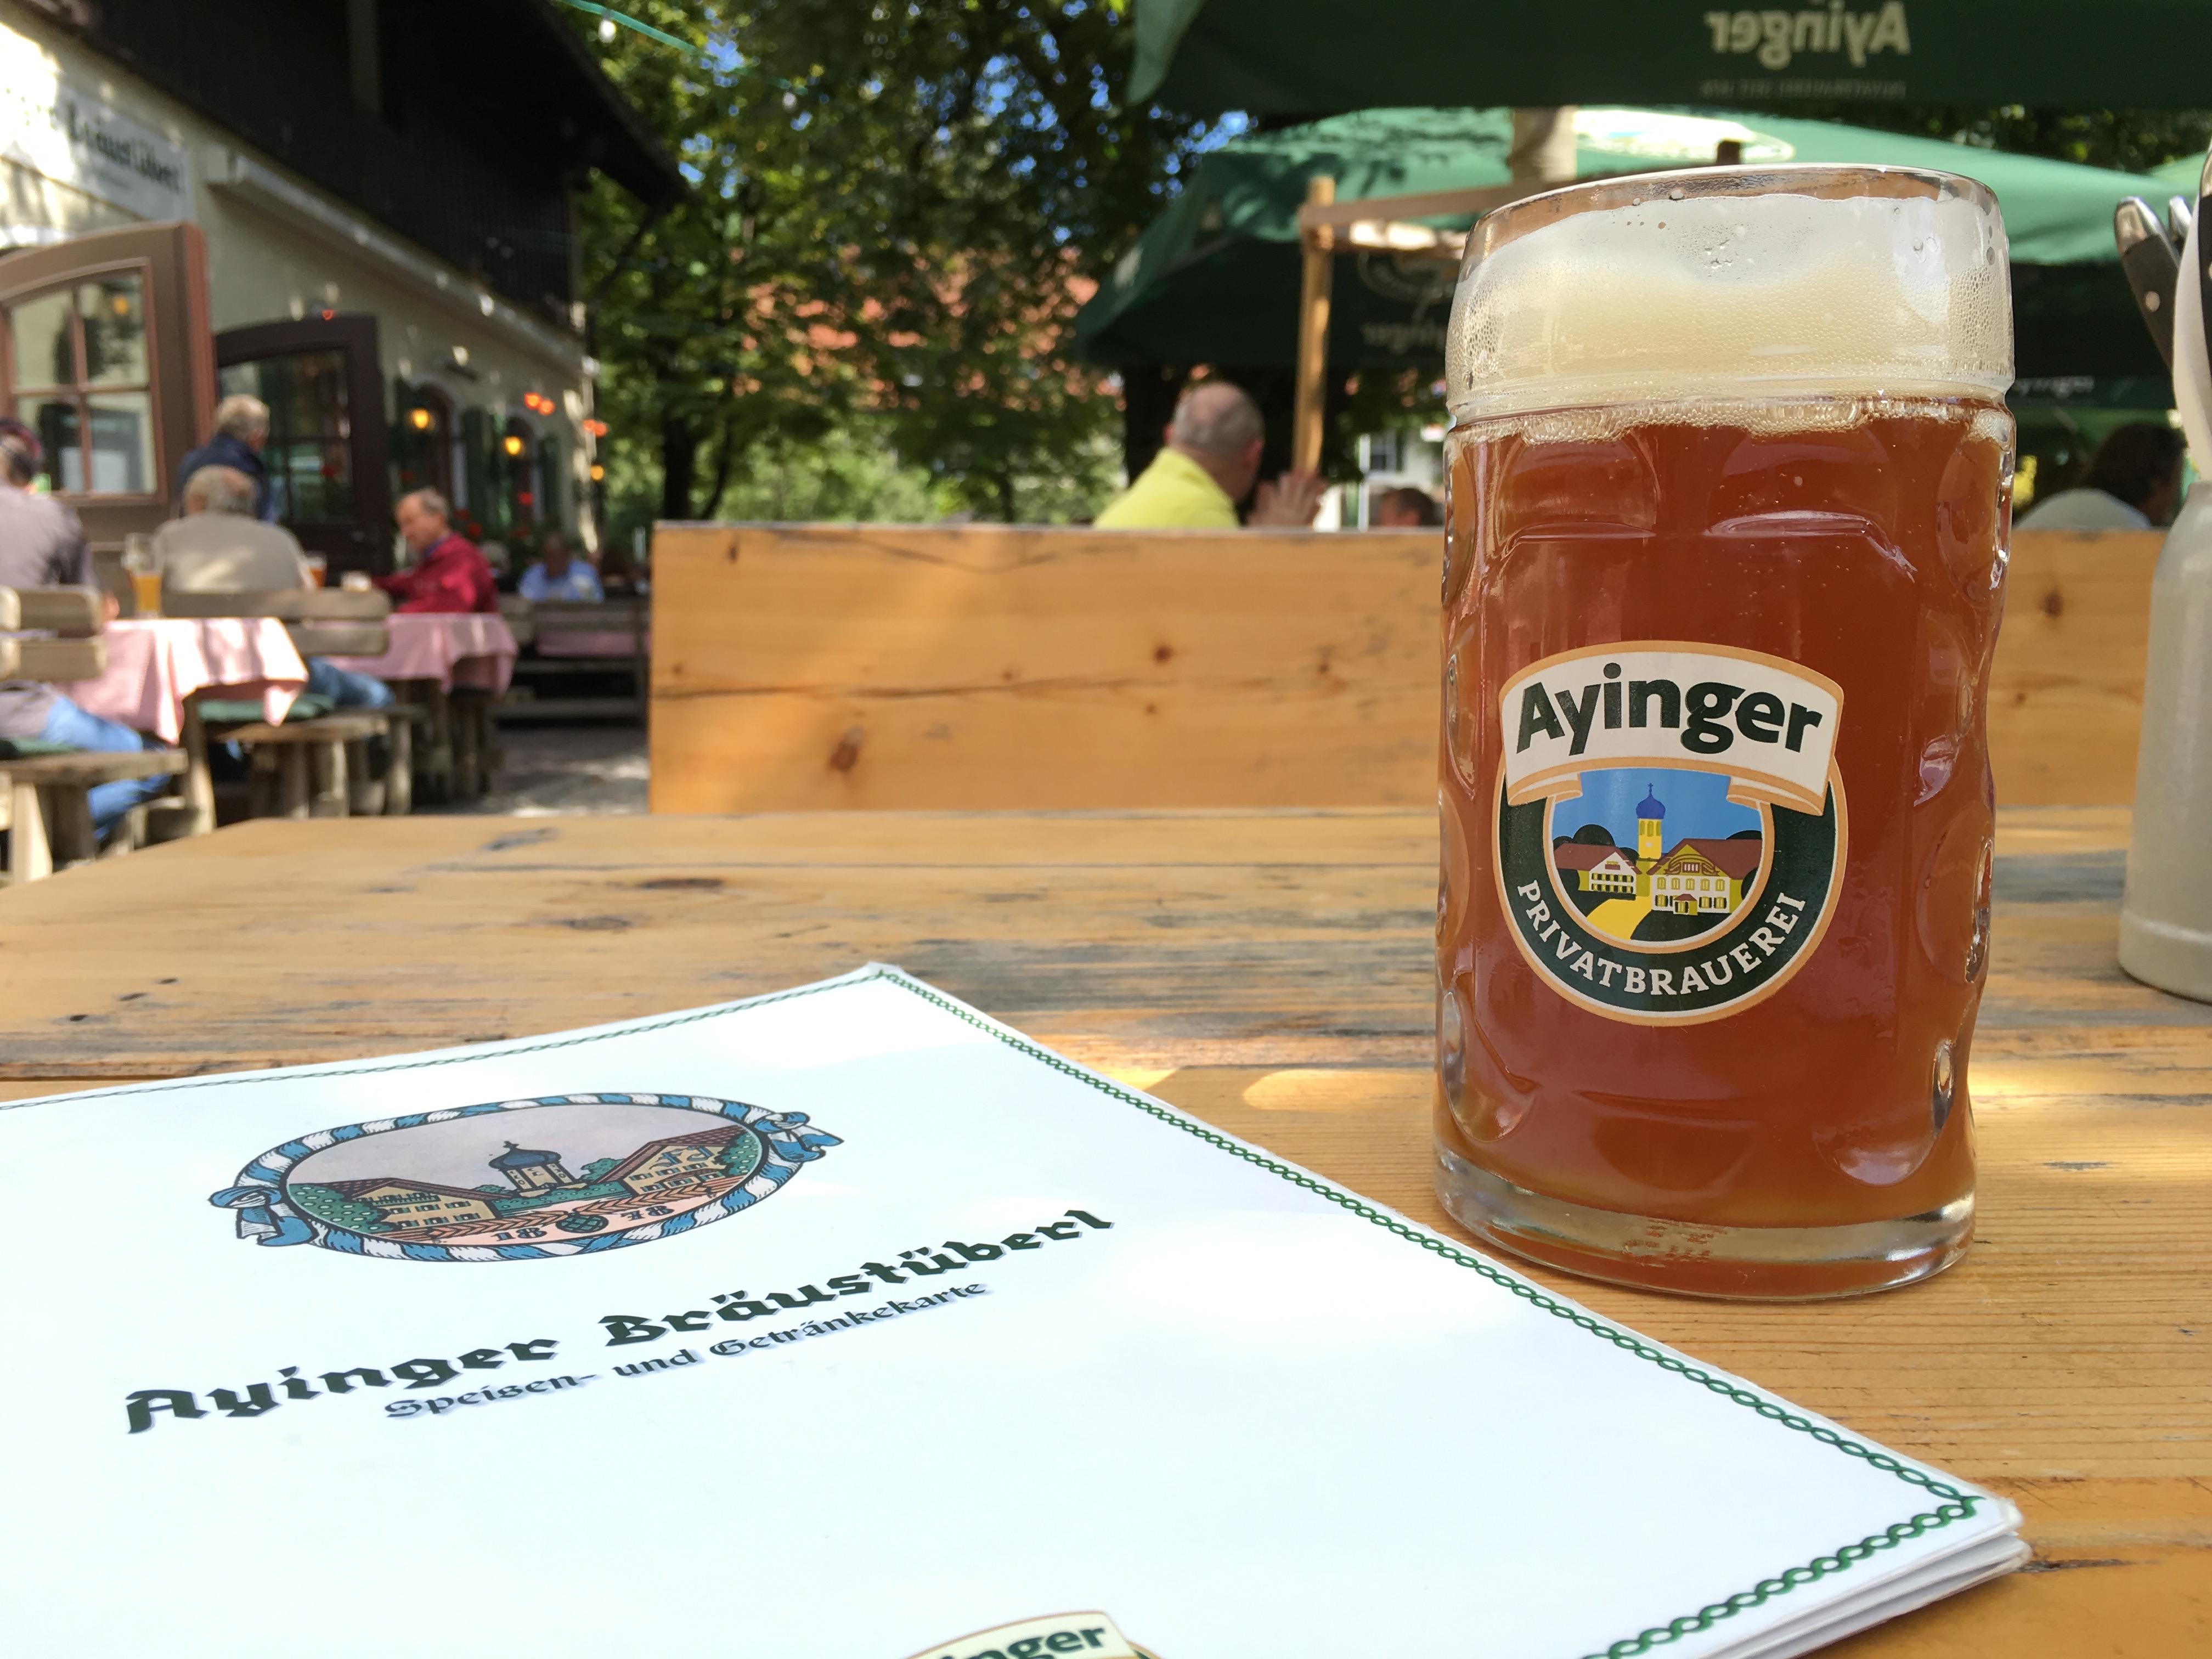 Enjoying an Ayinger Kirtabier at Ayinger Braustuberll.